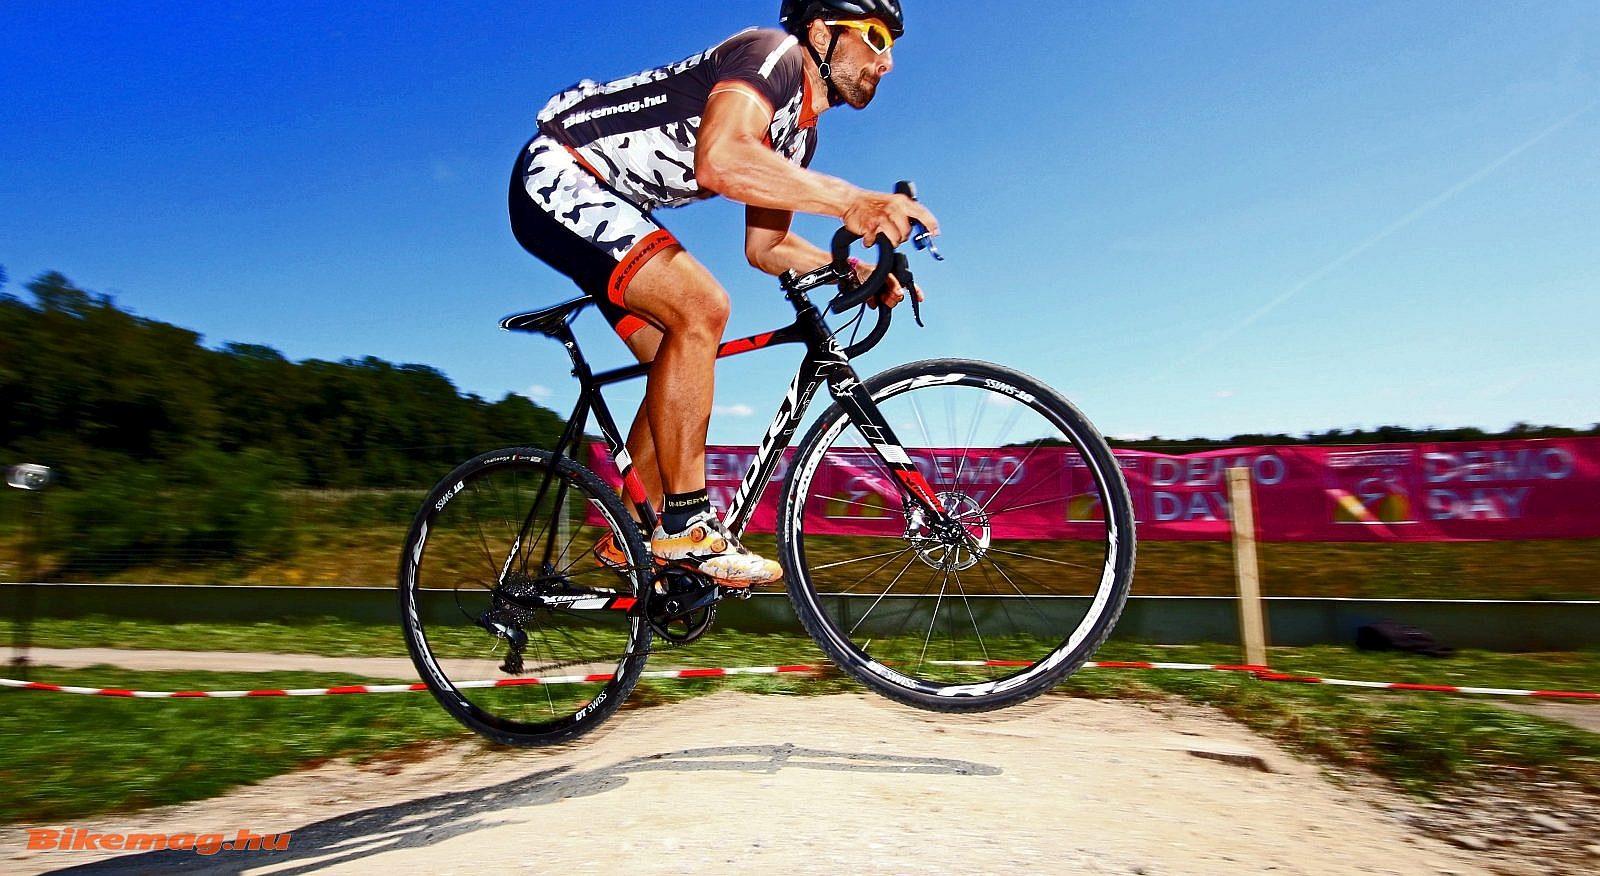 Egy cyclocross kör a Ridley X-Night SL nyergében